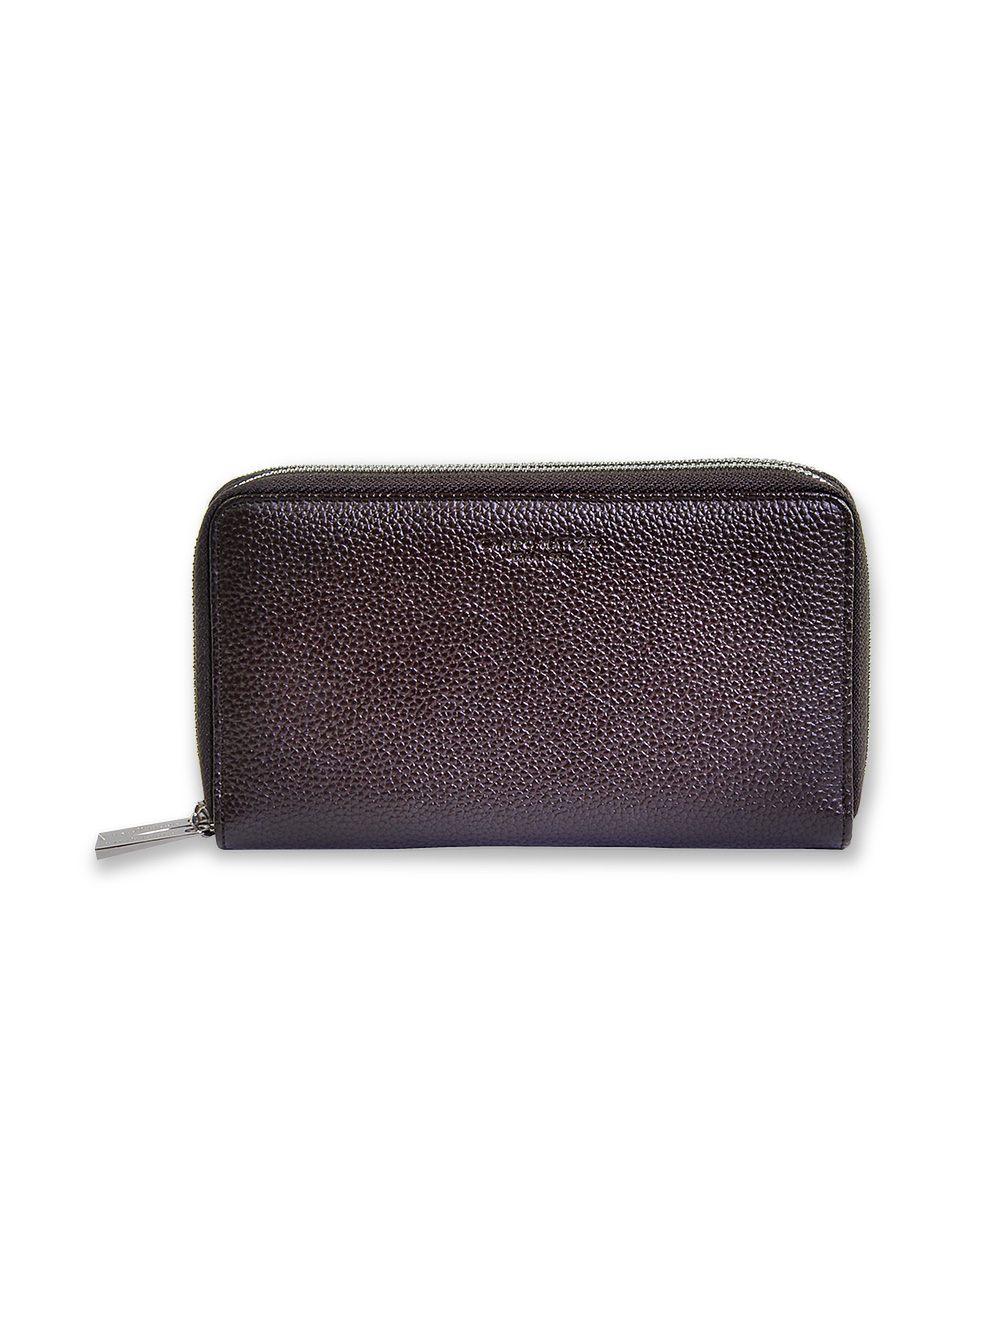 Sorbonne Wallet - Brown